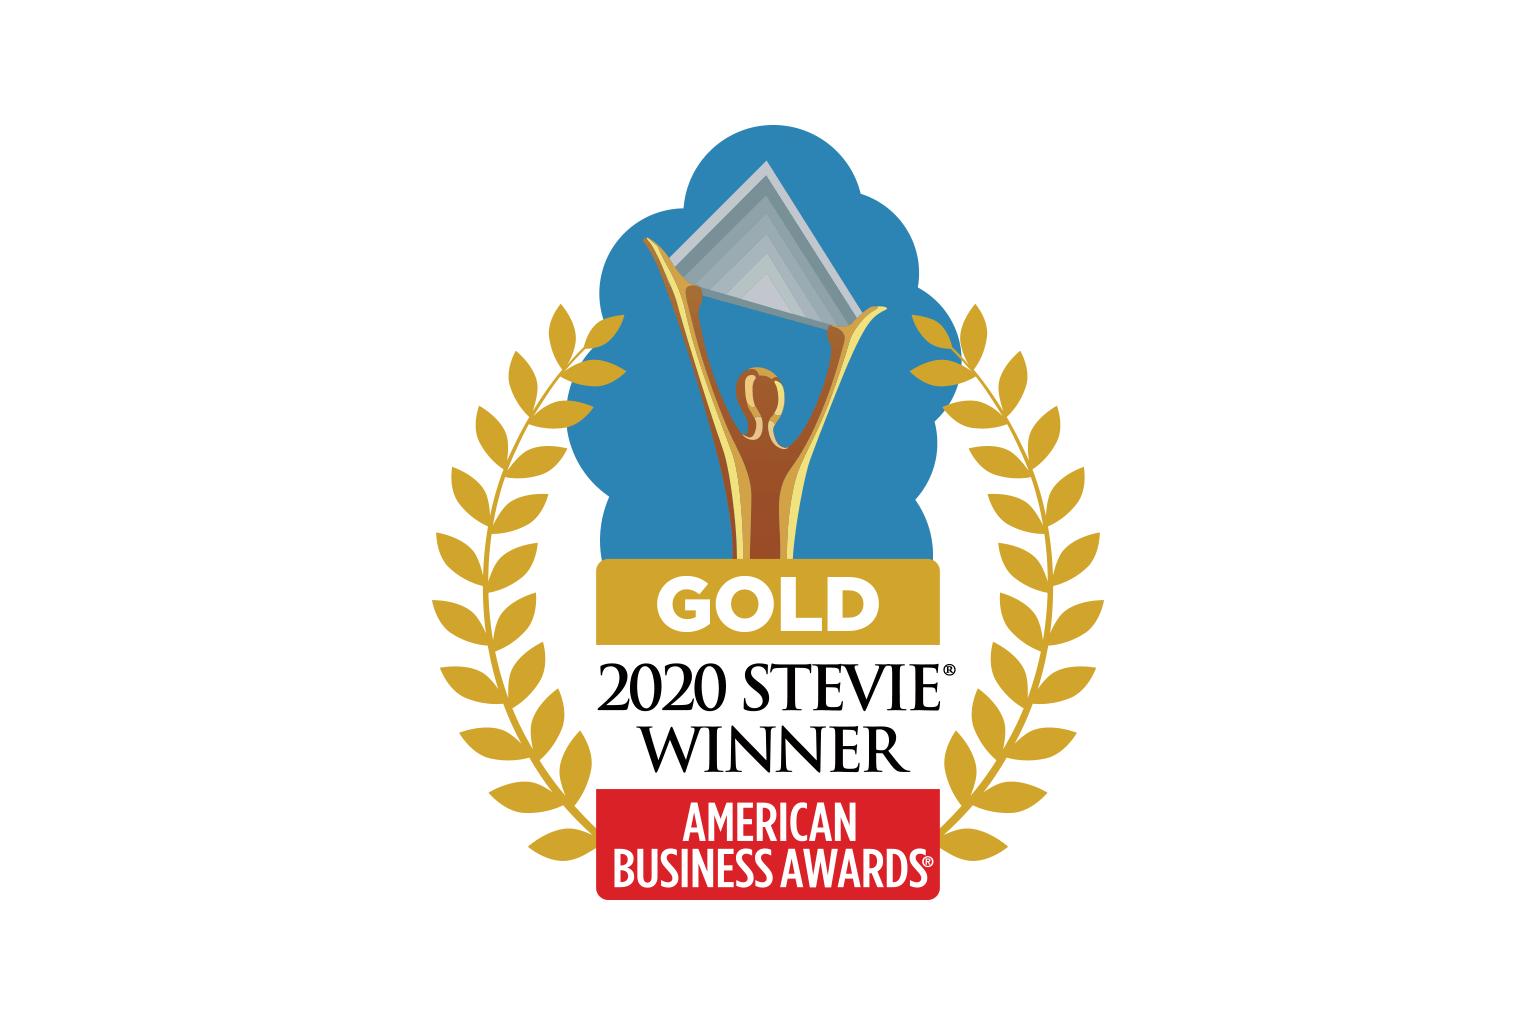 2020 gold stevie